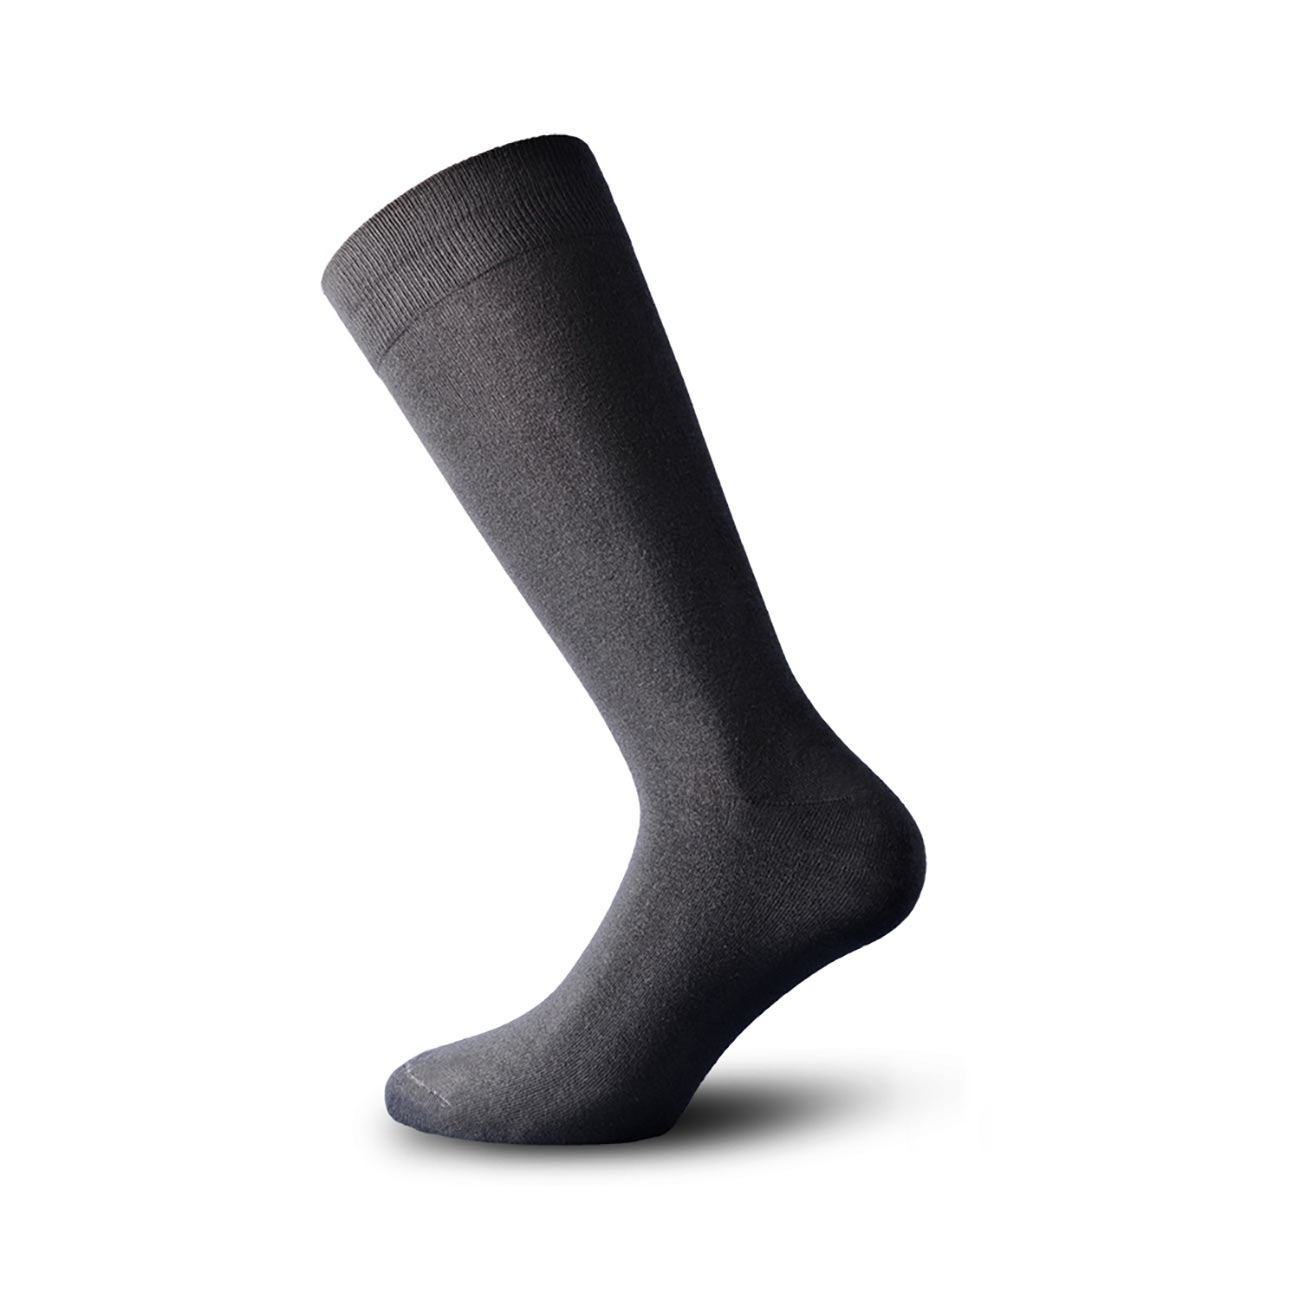 Ανδρική κάλτσα bamboo Walk - W304-02 μαύρη